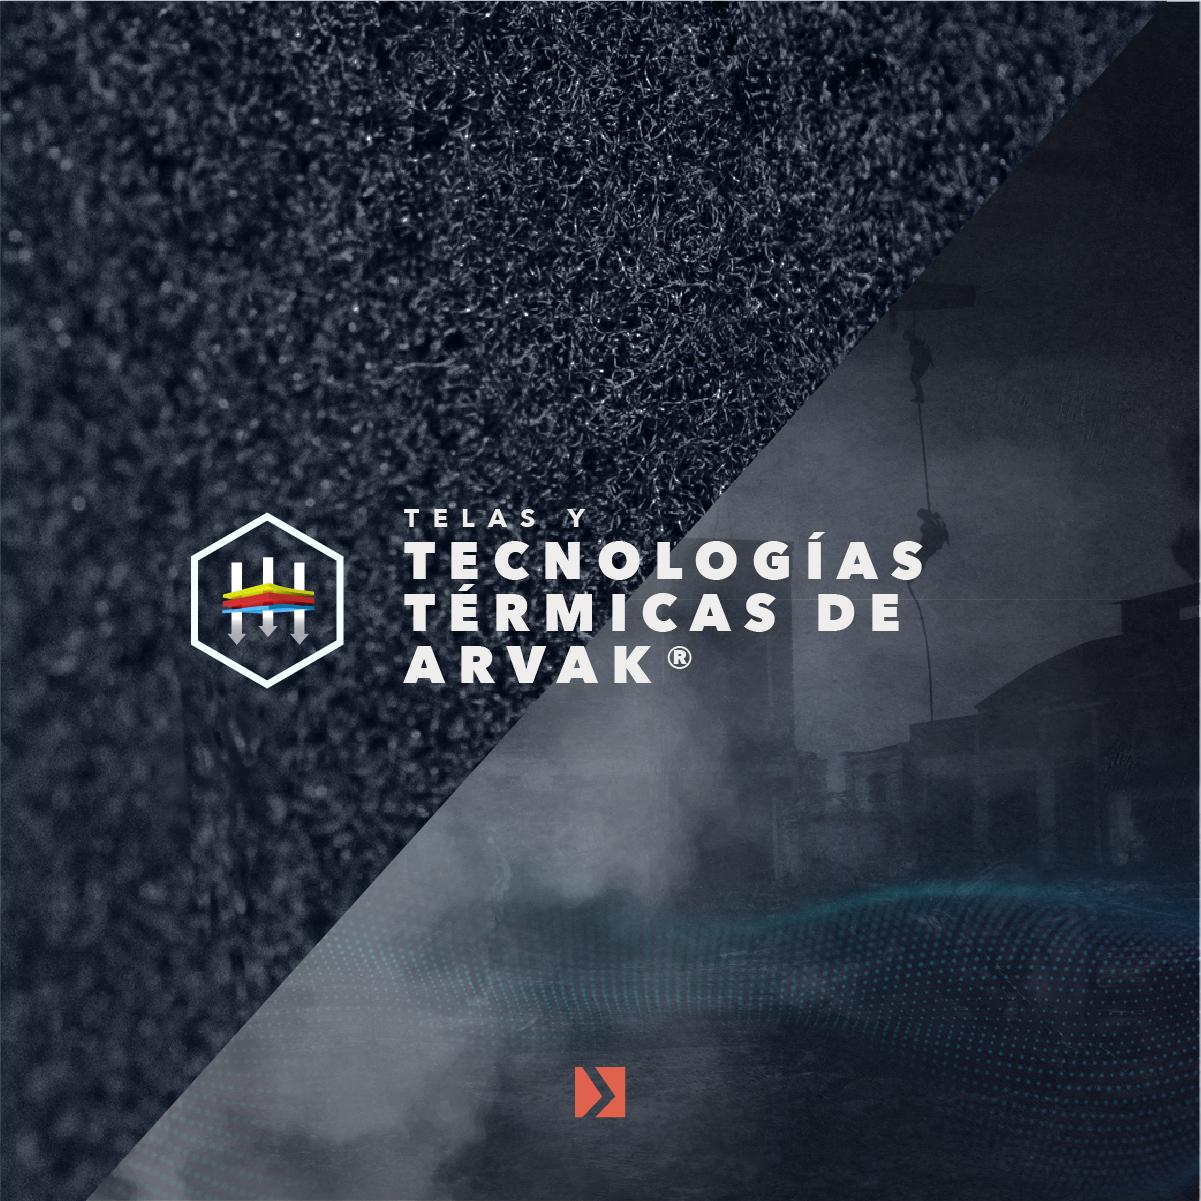 Telas y tecnologías térmicas de Arvak® y sus ventajas